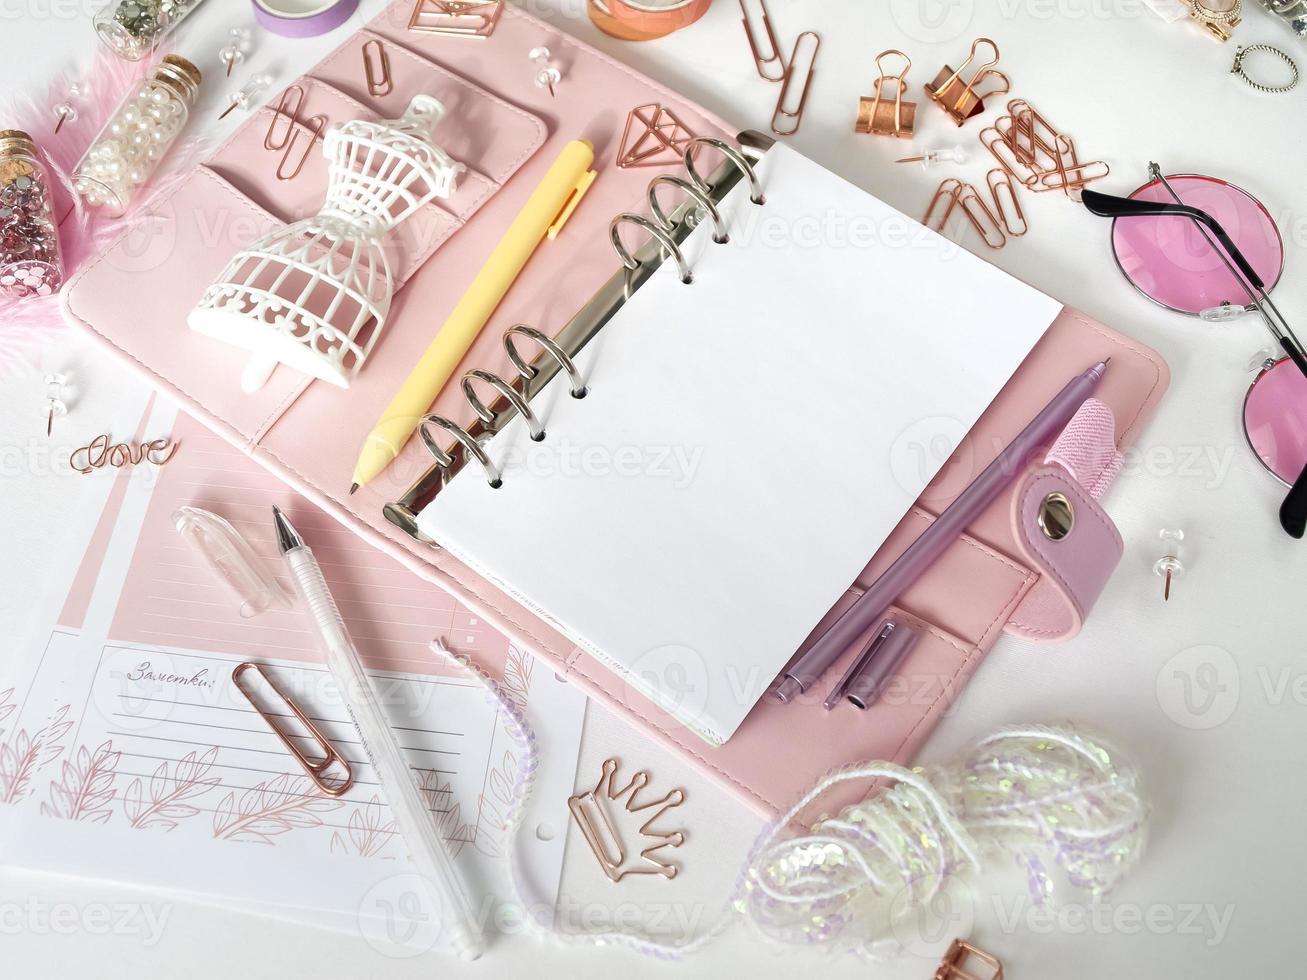 vista dall'alto di un pianificatore rosa con elementi decorativi carini. pianificatore glamour rosa con un manichino bianco. planner con pagine aperte su sfondo bianco e con bellissimi accessori penne, bottoni, spille. foto